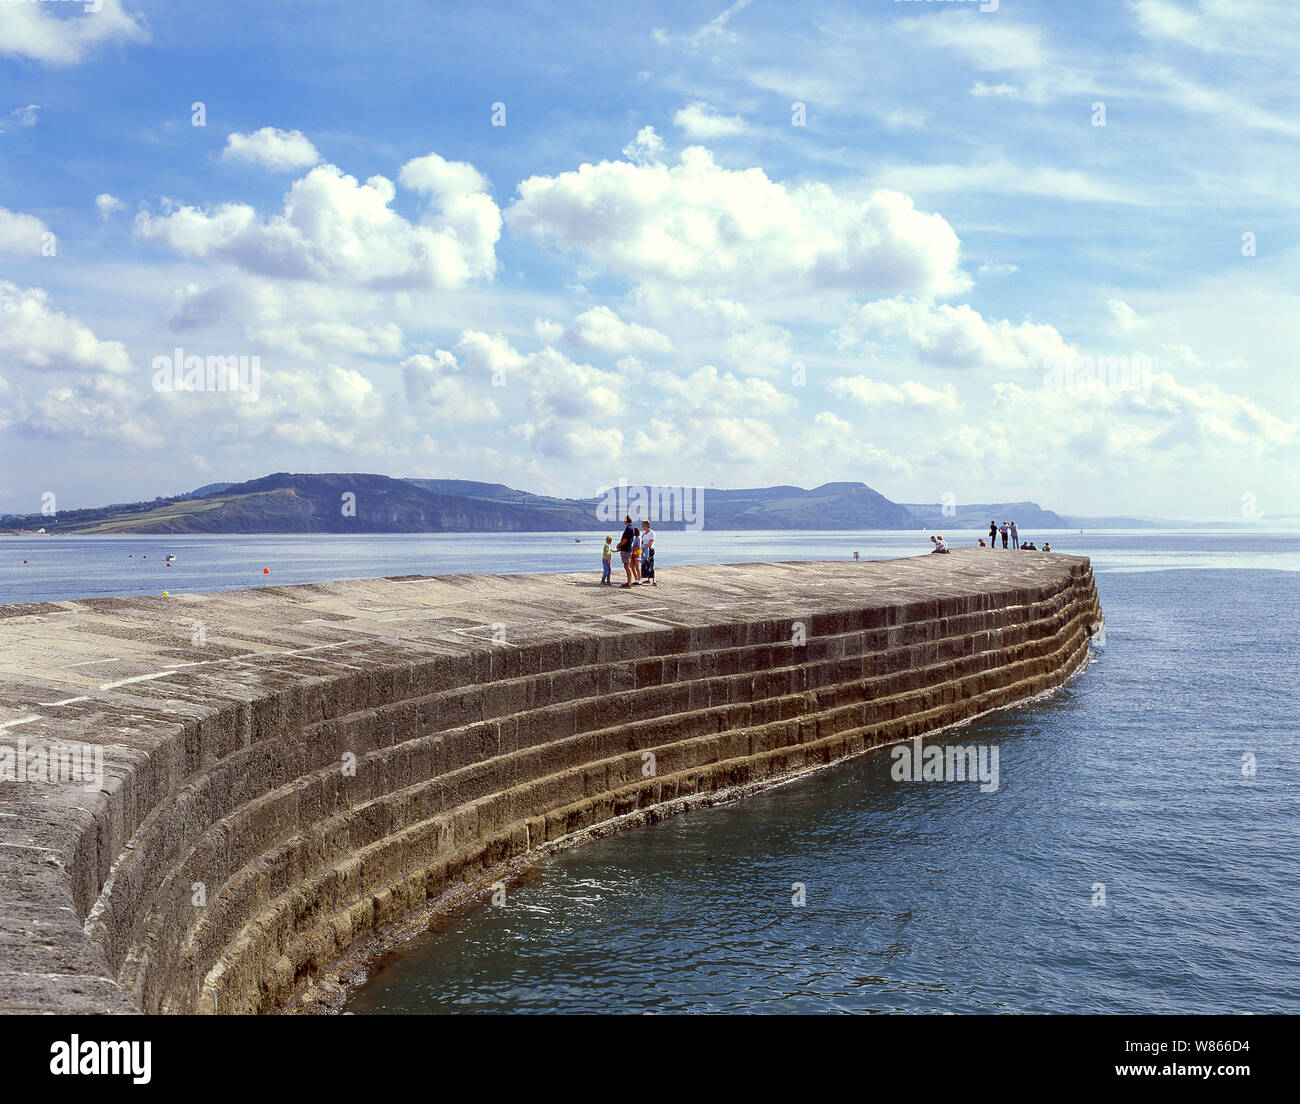 Le mur du port de Cobb, Lyme Regis, dans le Dorset, Angleterre, Royaume-Uni Banque D'Images